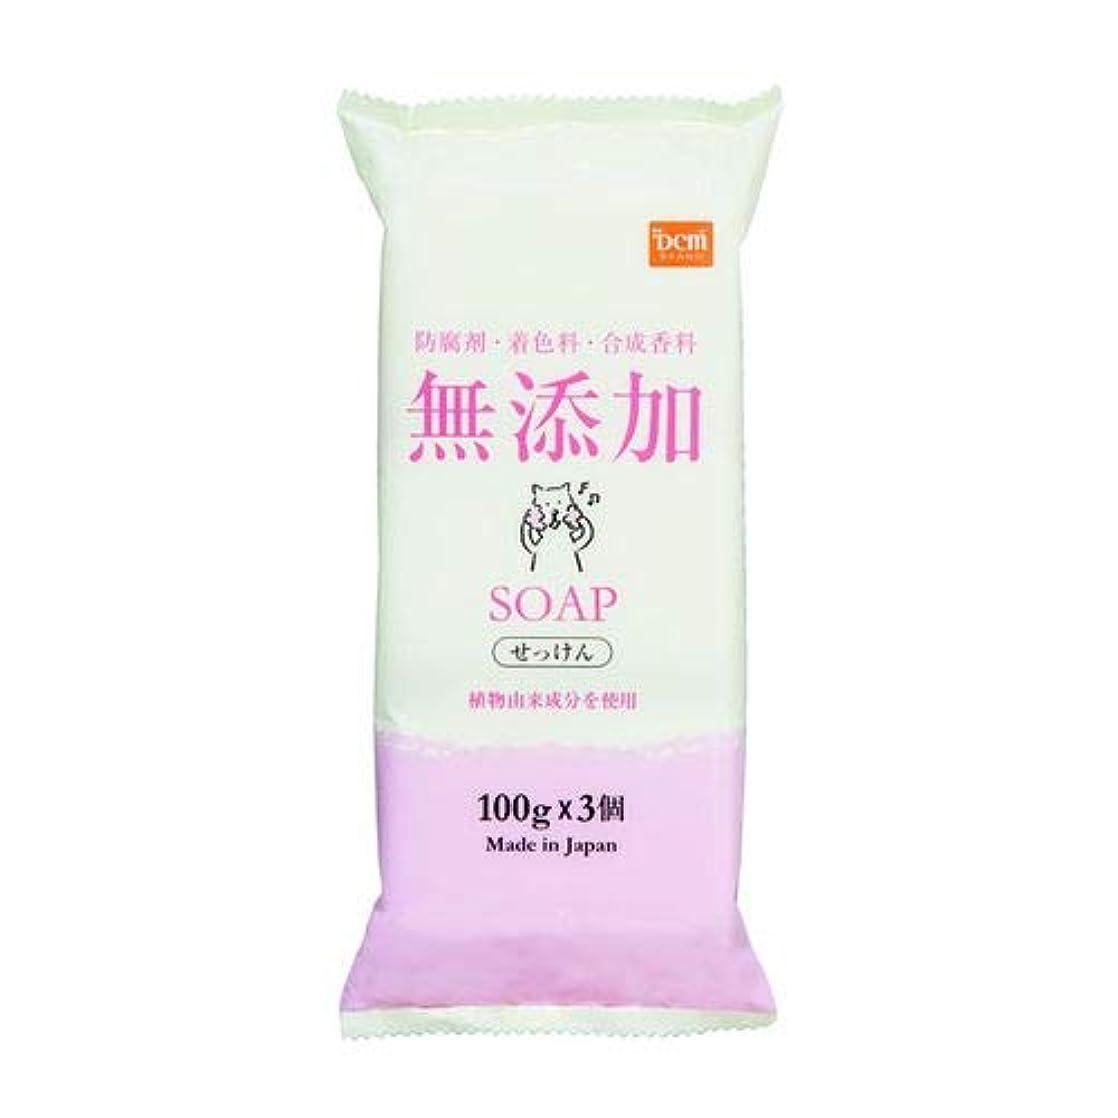 無添加固形石鹸 100g×3